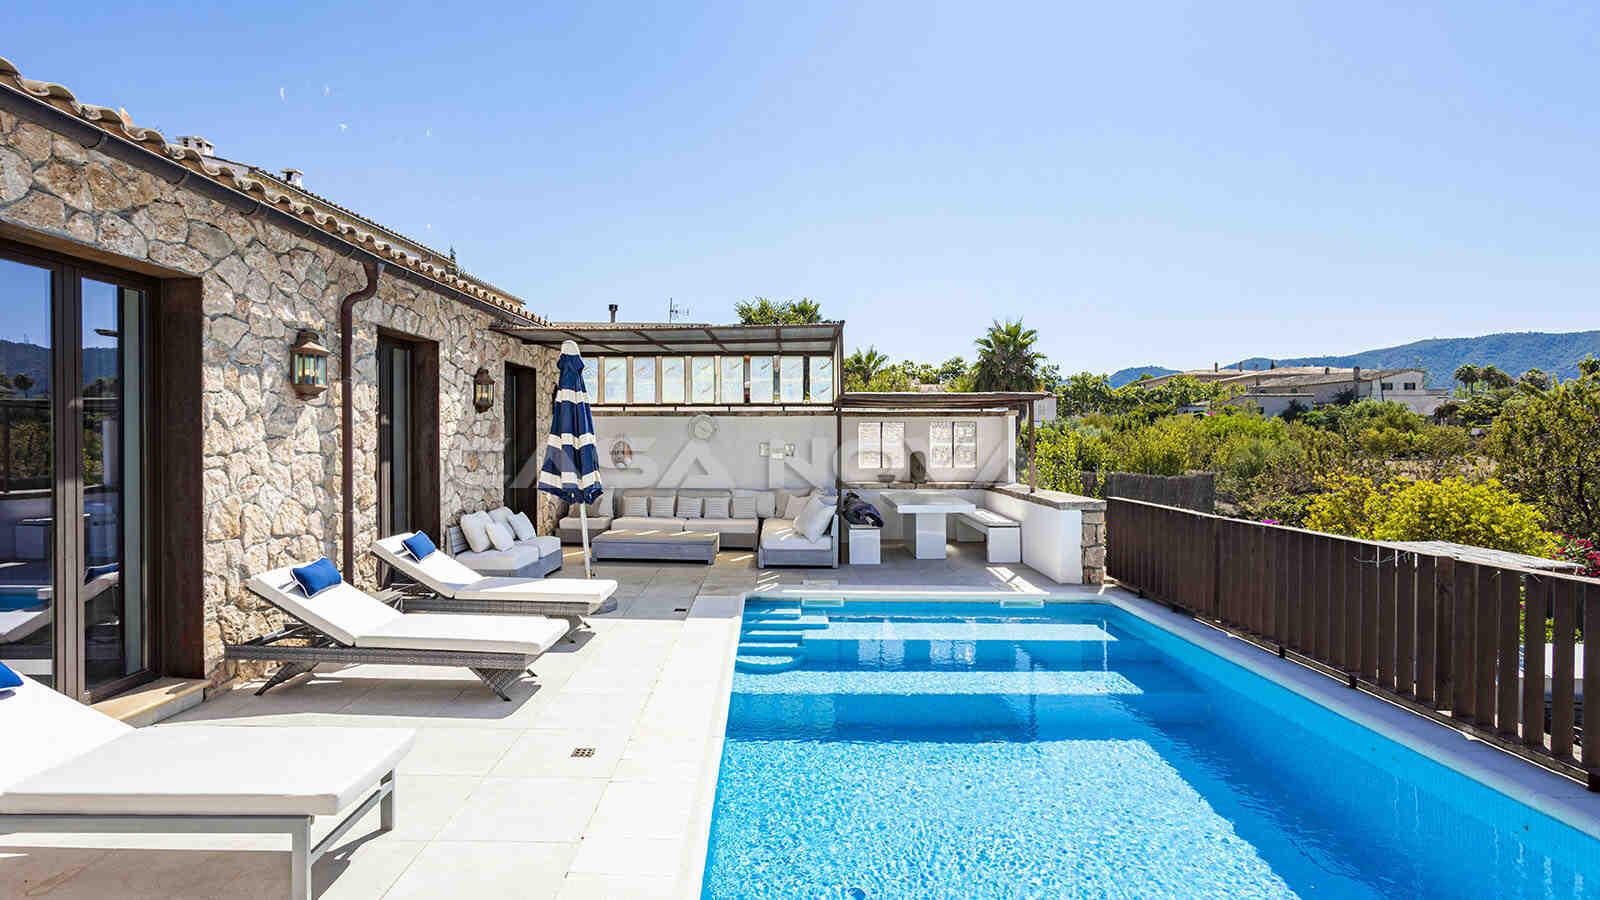 Schöner Poolbereich mit Lounge und Chillout- Ecke